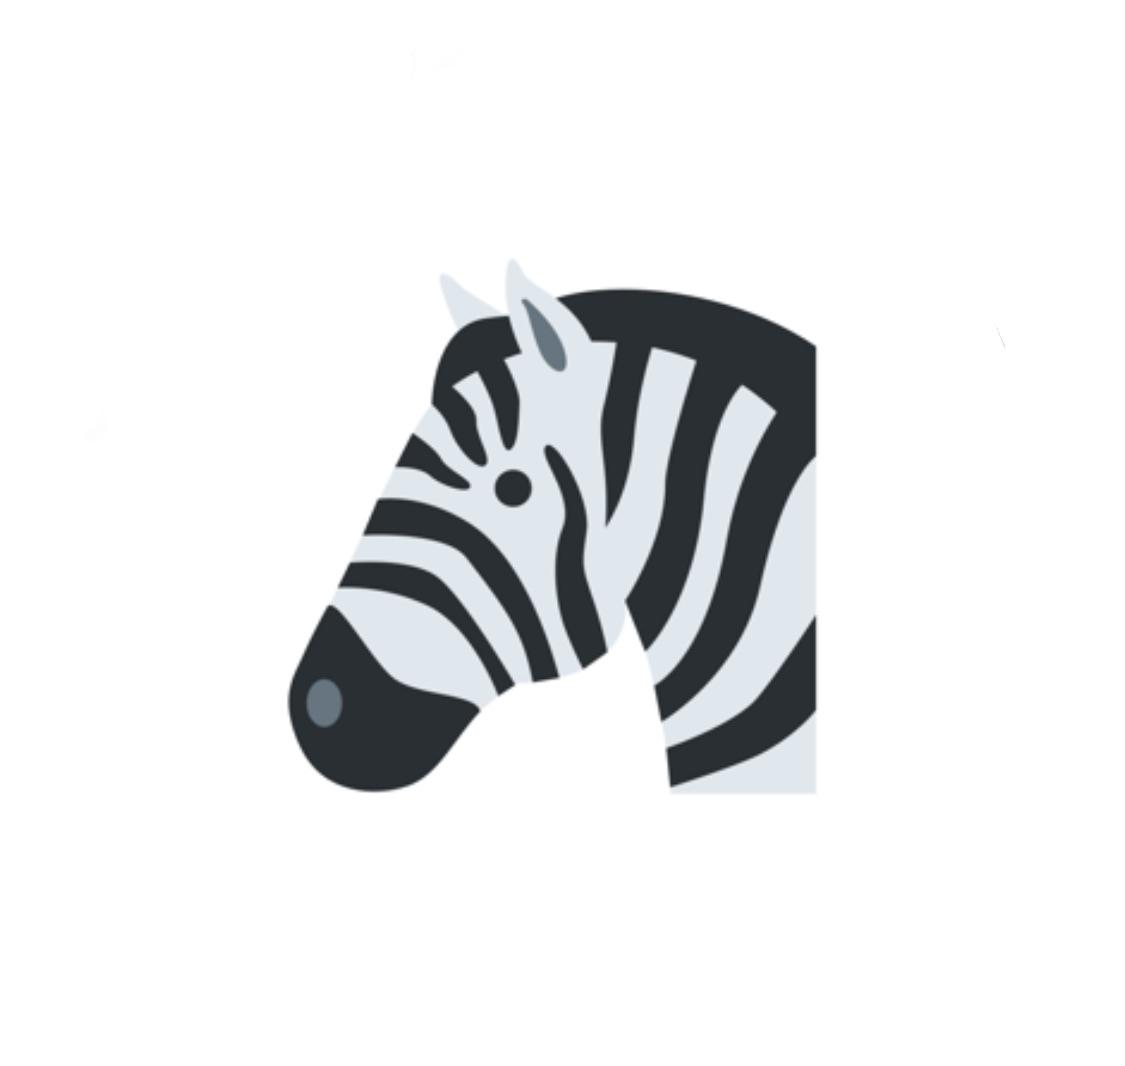 Zebra Package Manager actualizado a la versión 1.1 con una larga lista de mejoras 1